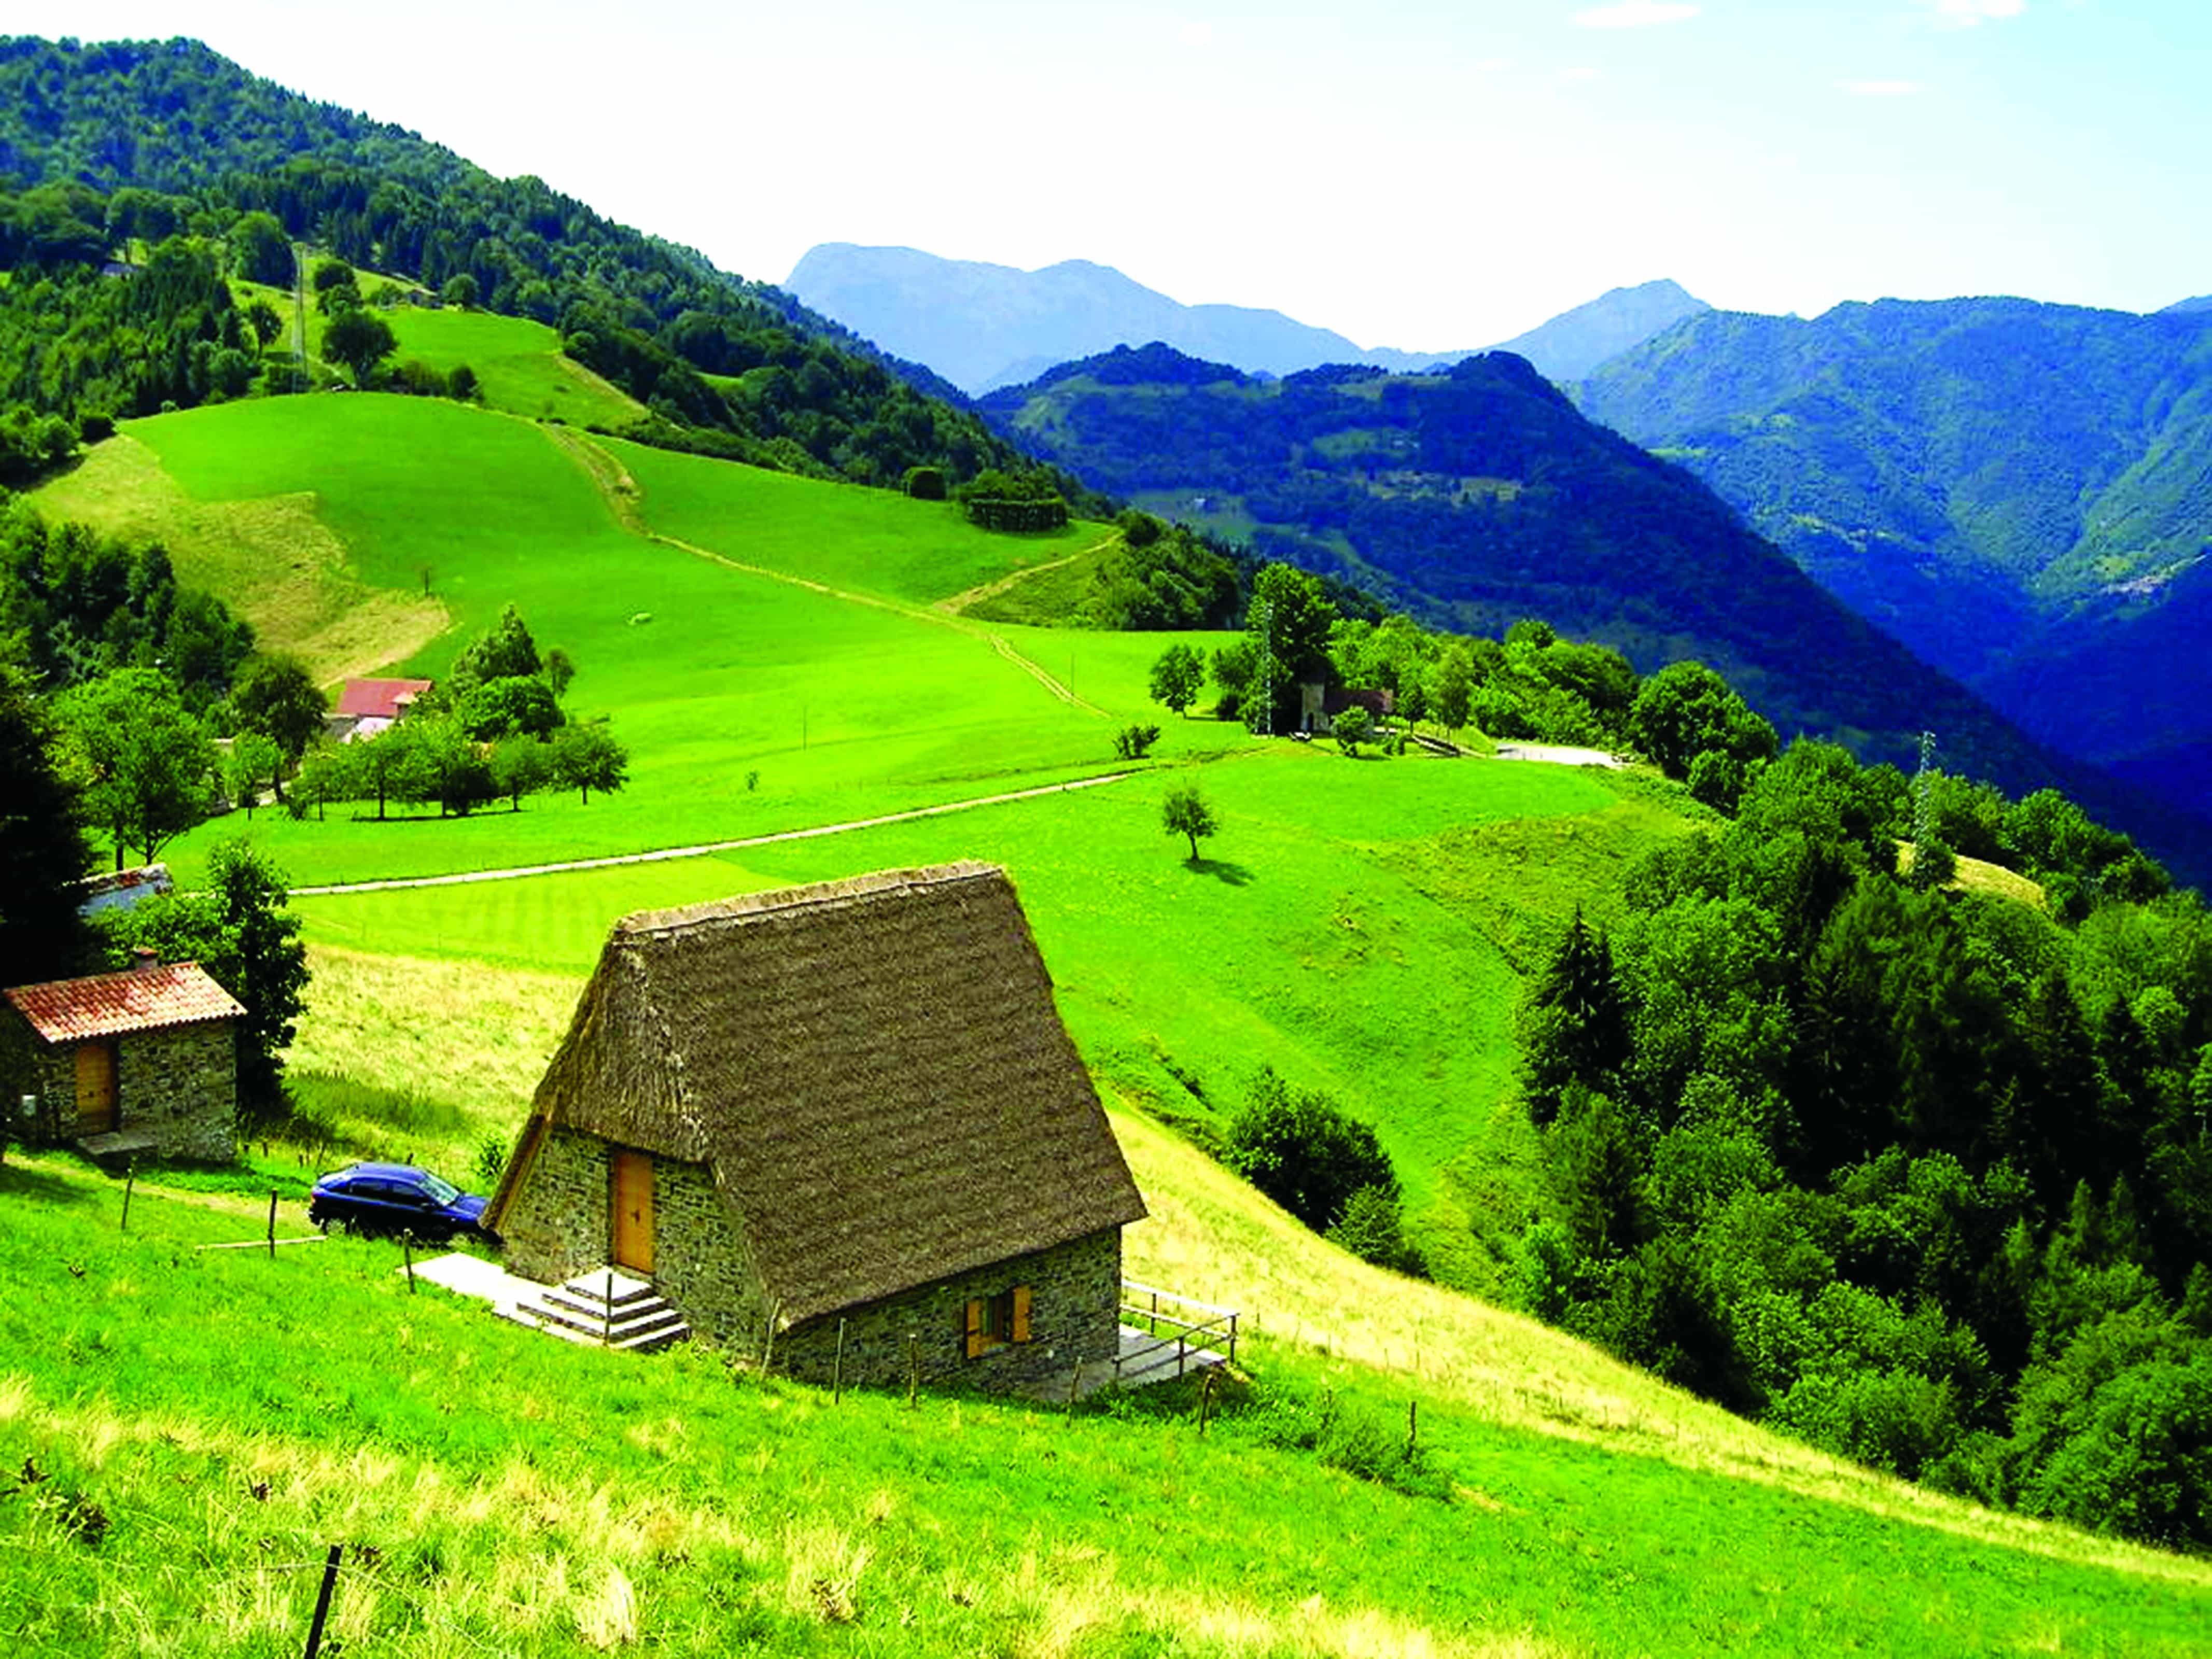 Sattgrüne Almlandschaft mit Bergpanorama